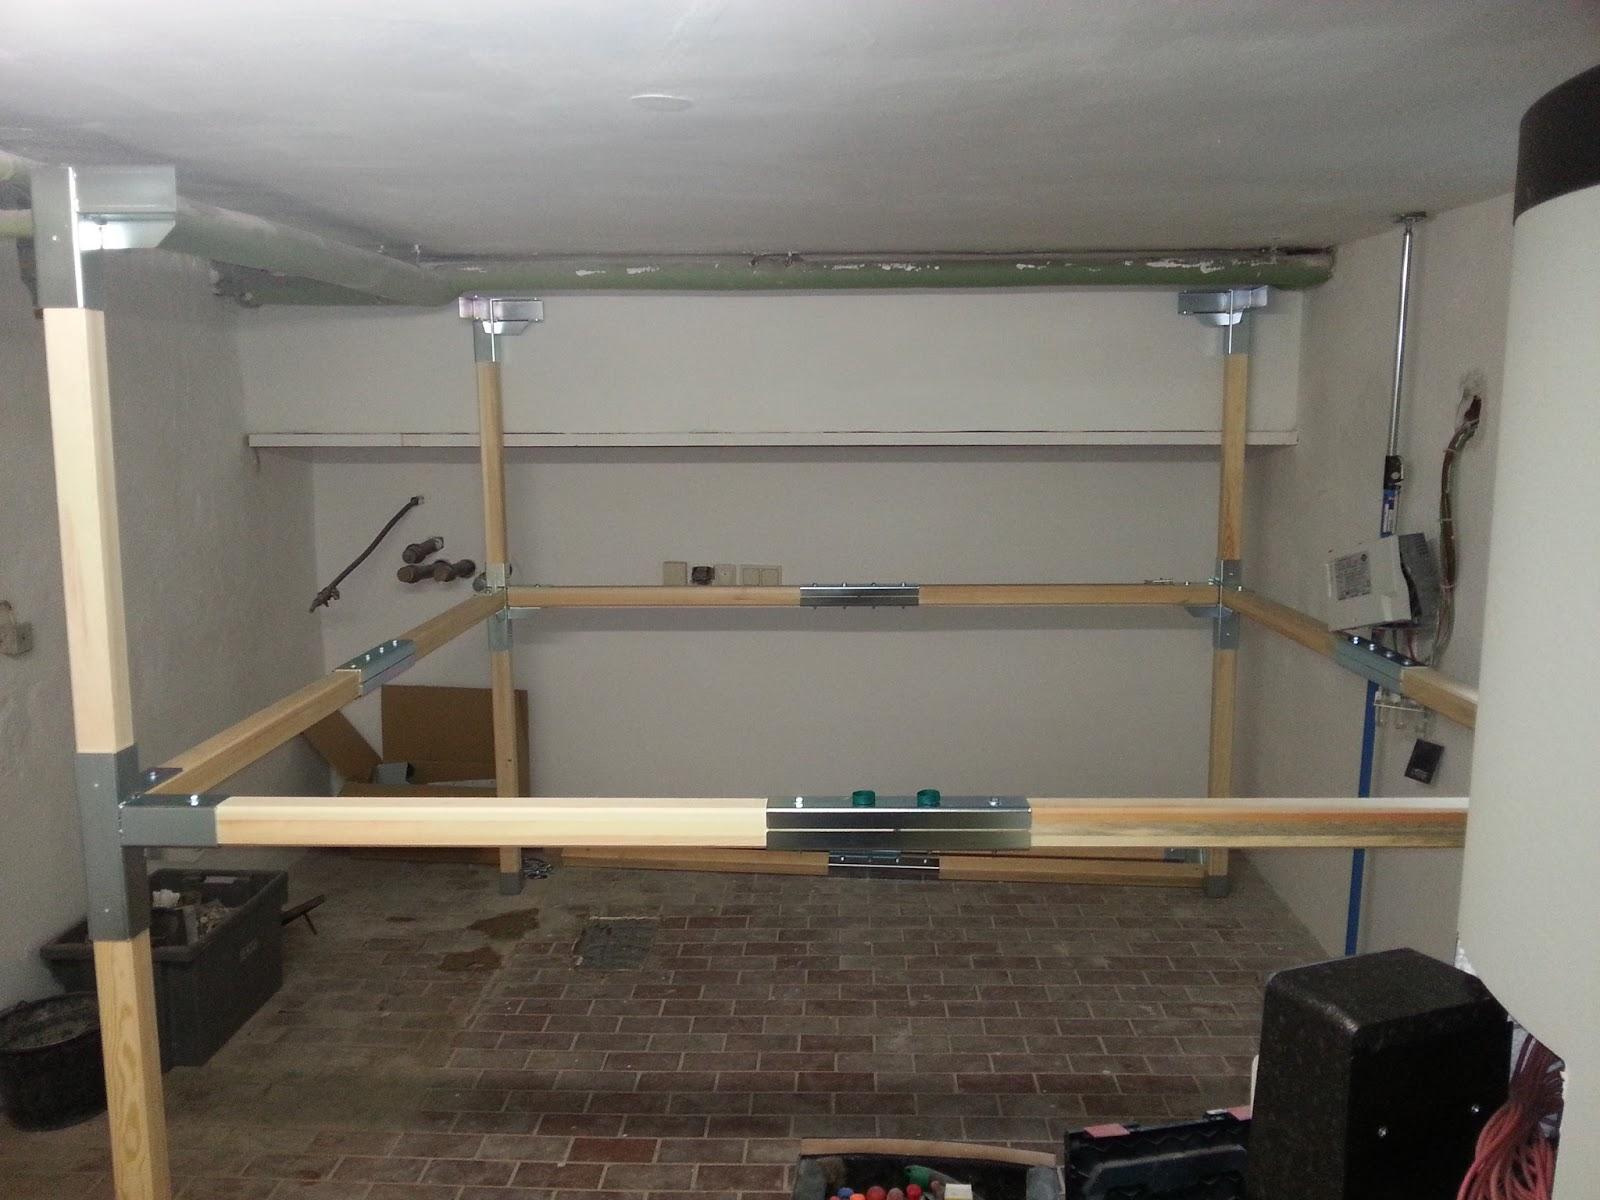 projekt pelletheizung der aufbau tag 1. Black Bedroom Furniture Sets. Home Design Ideas